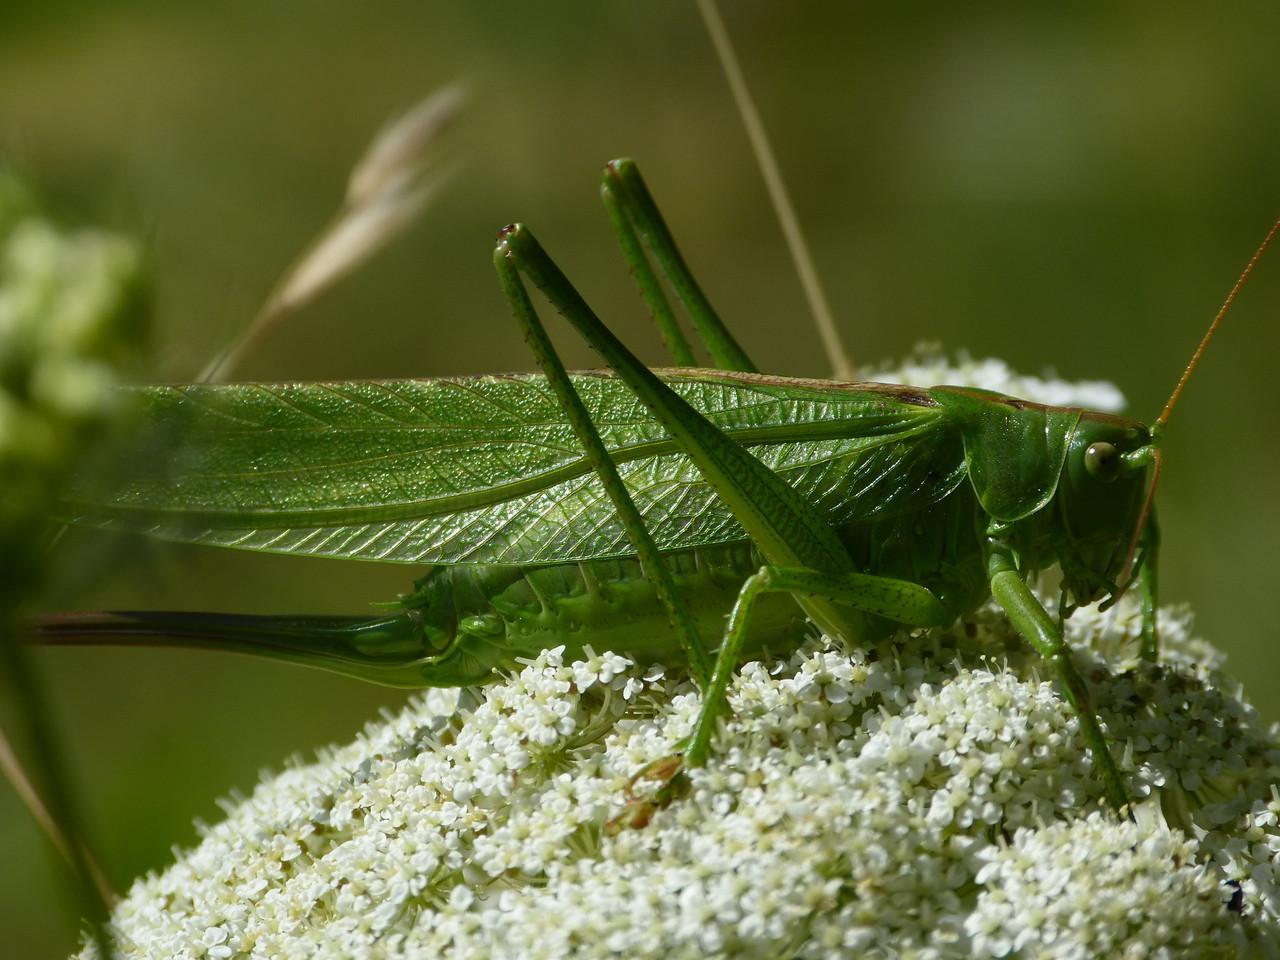 Grüne Laubheuschrecke